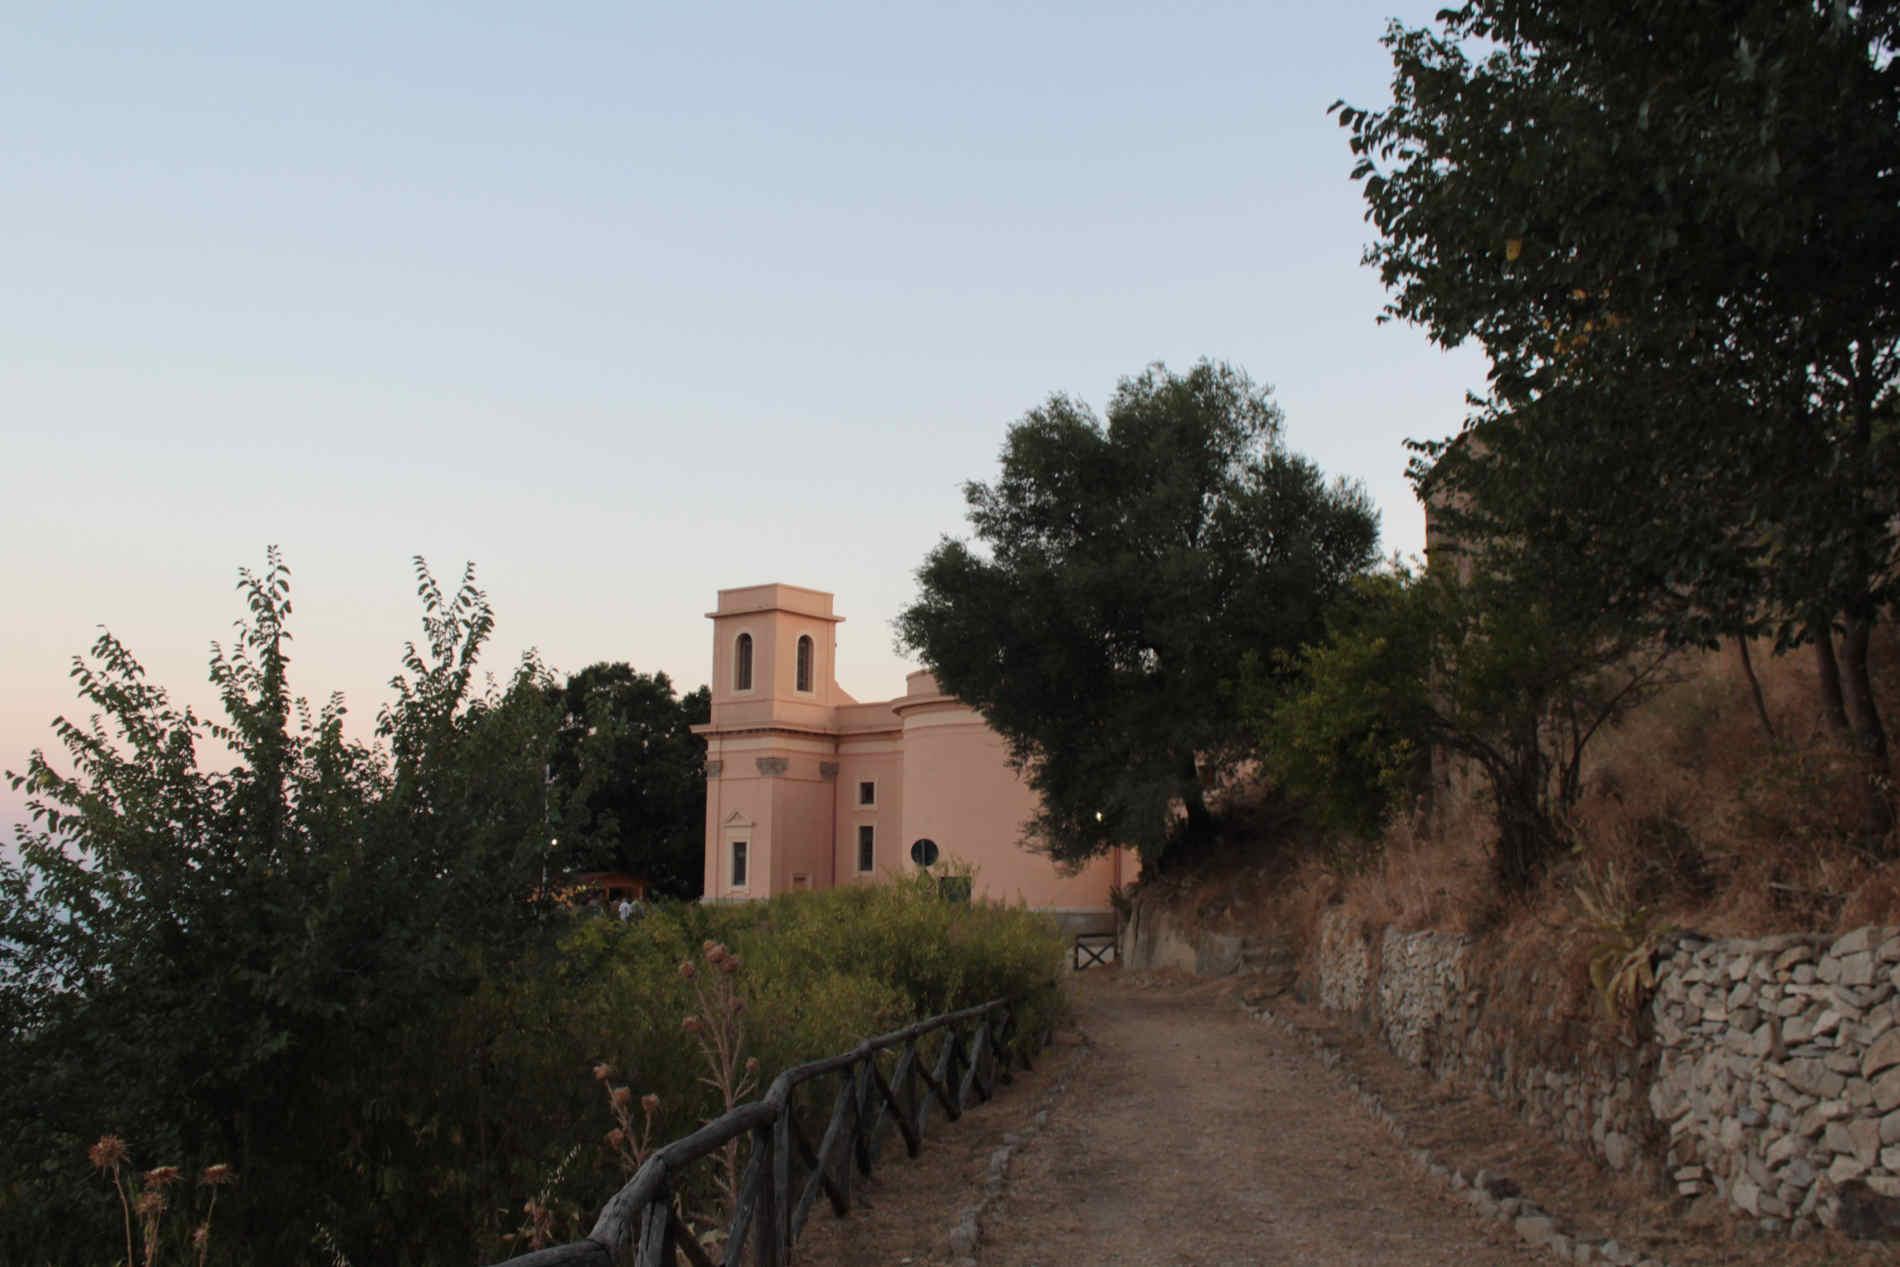 La Chiesa restaurata dell'Annunziata a Brancaleone Superiore